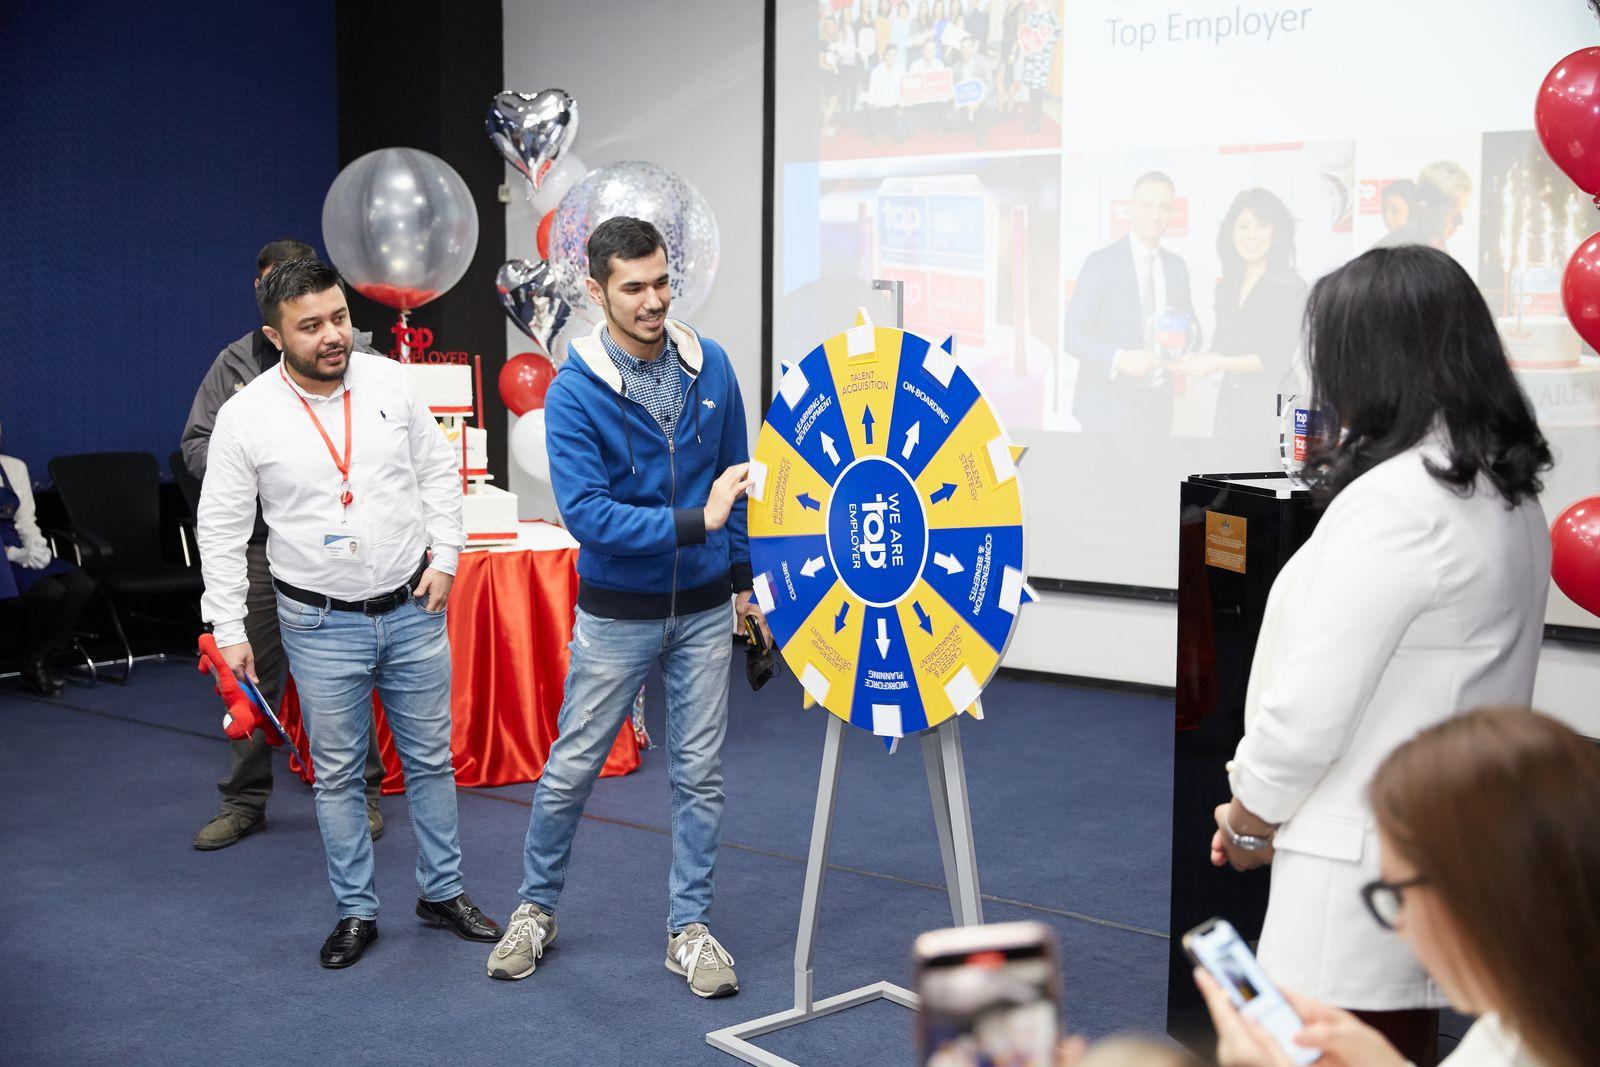 Компания «БАТ Узбекистан» во второй раз удостоилась статуса Top Employer 2020  («Лучший Работодатель 2020»)